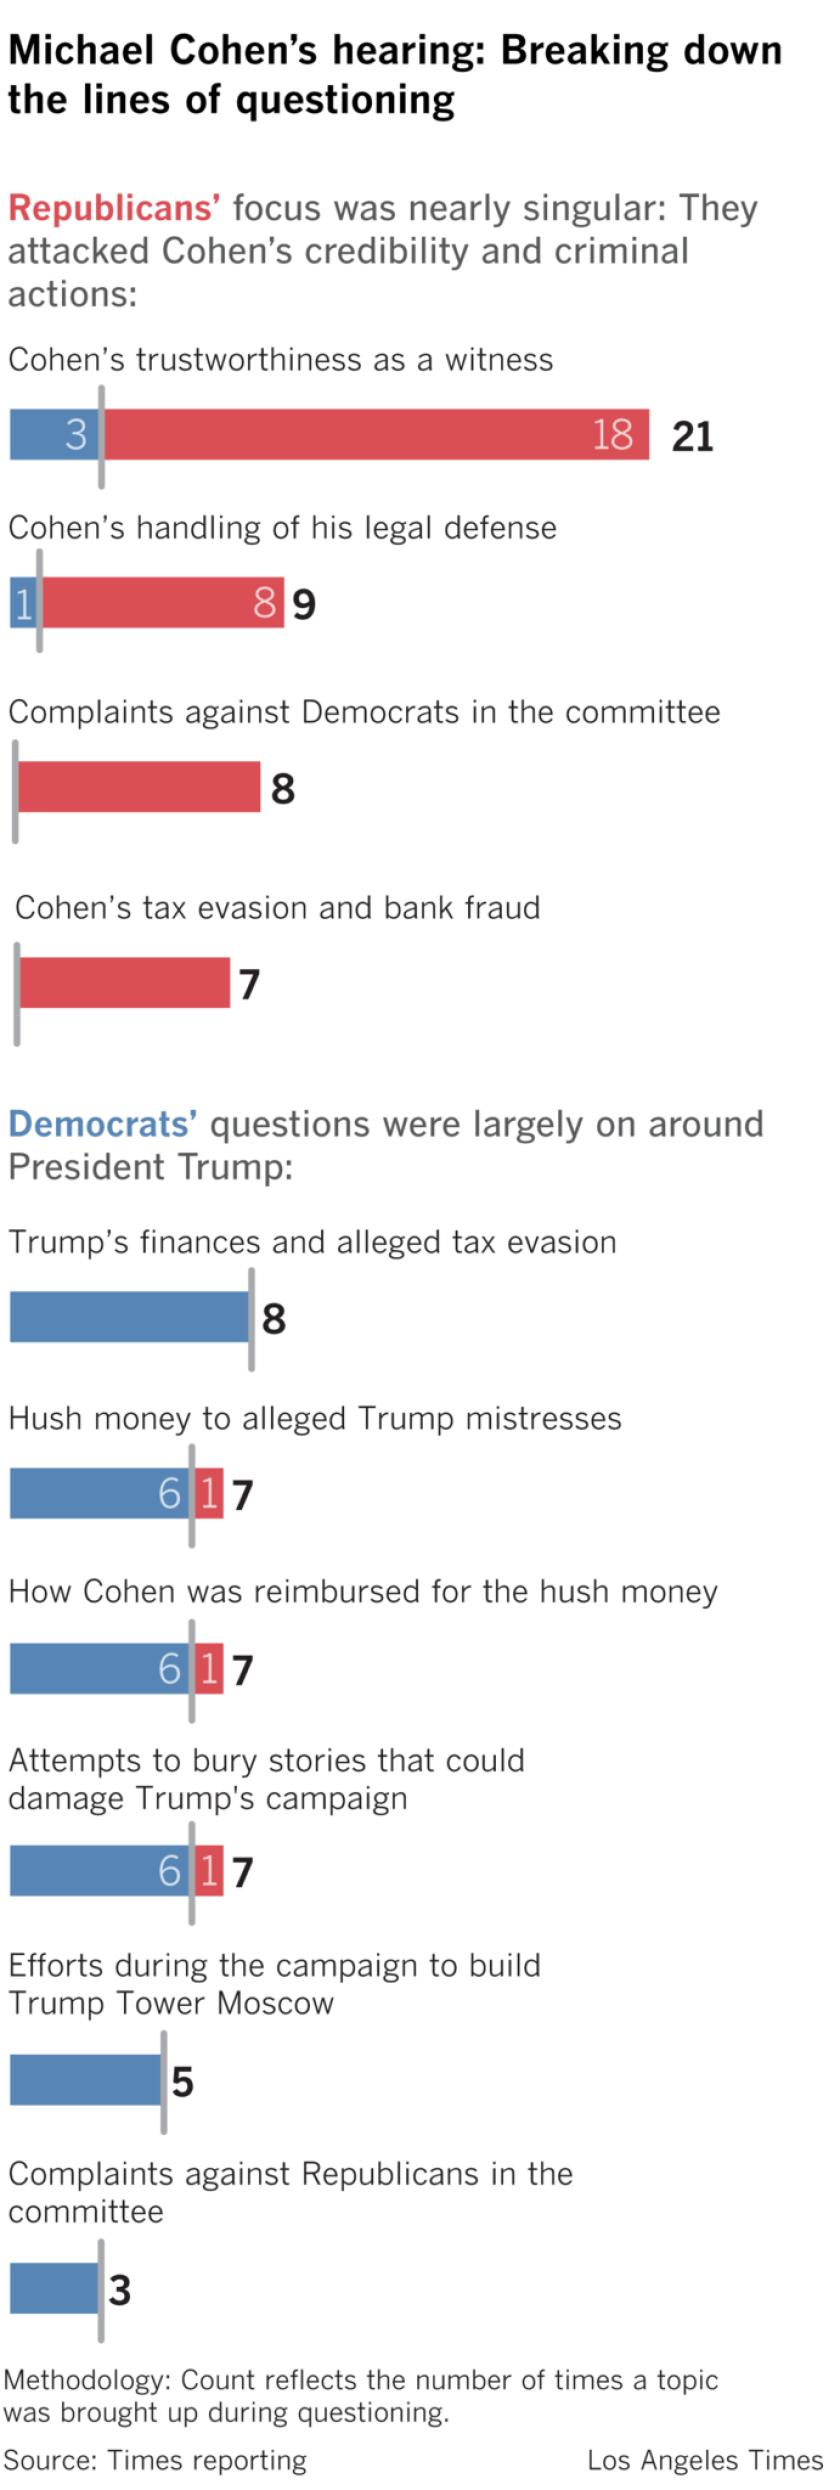 la-na-pol-trump-lawyer-michael-cohen-house-testimony-party-20190227